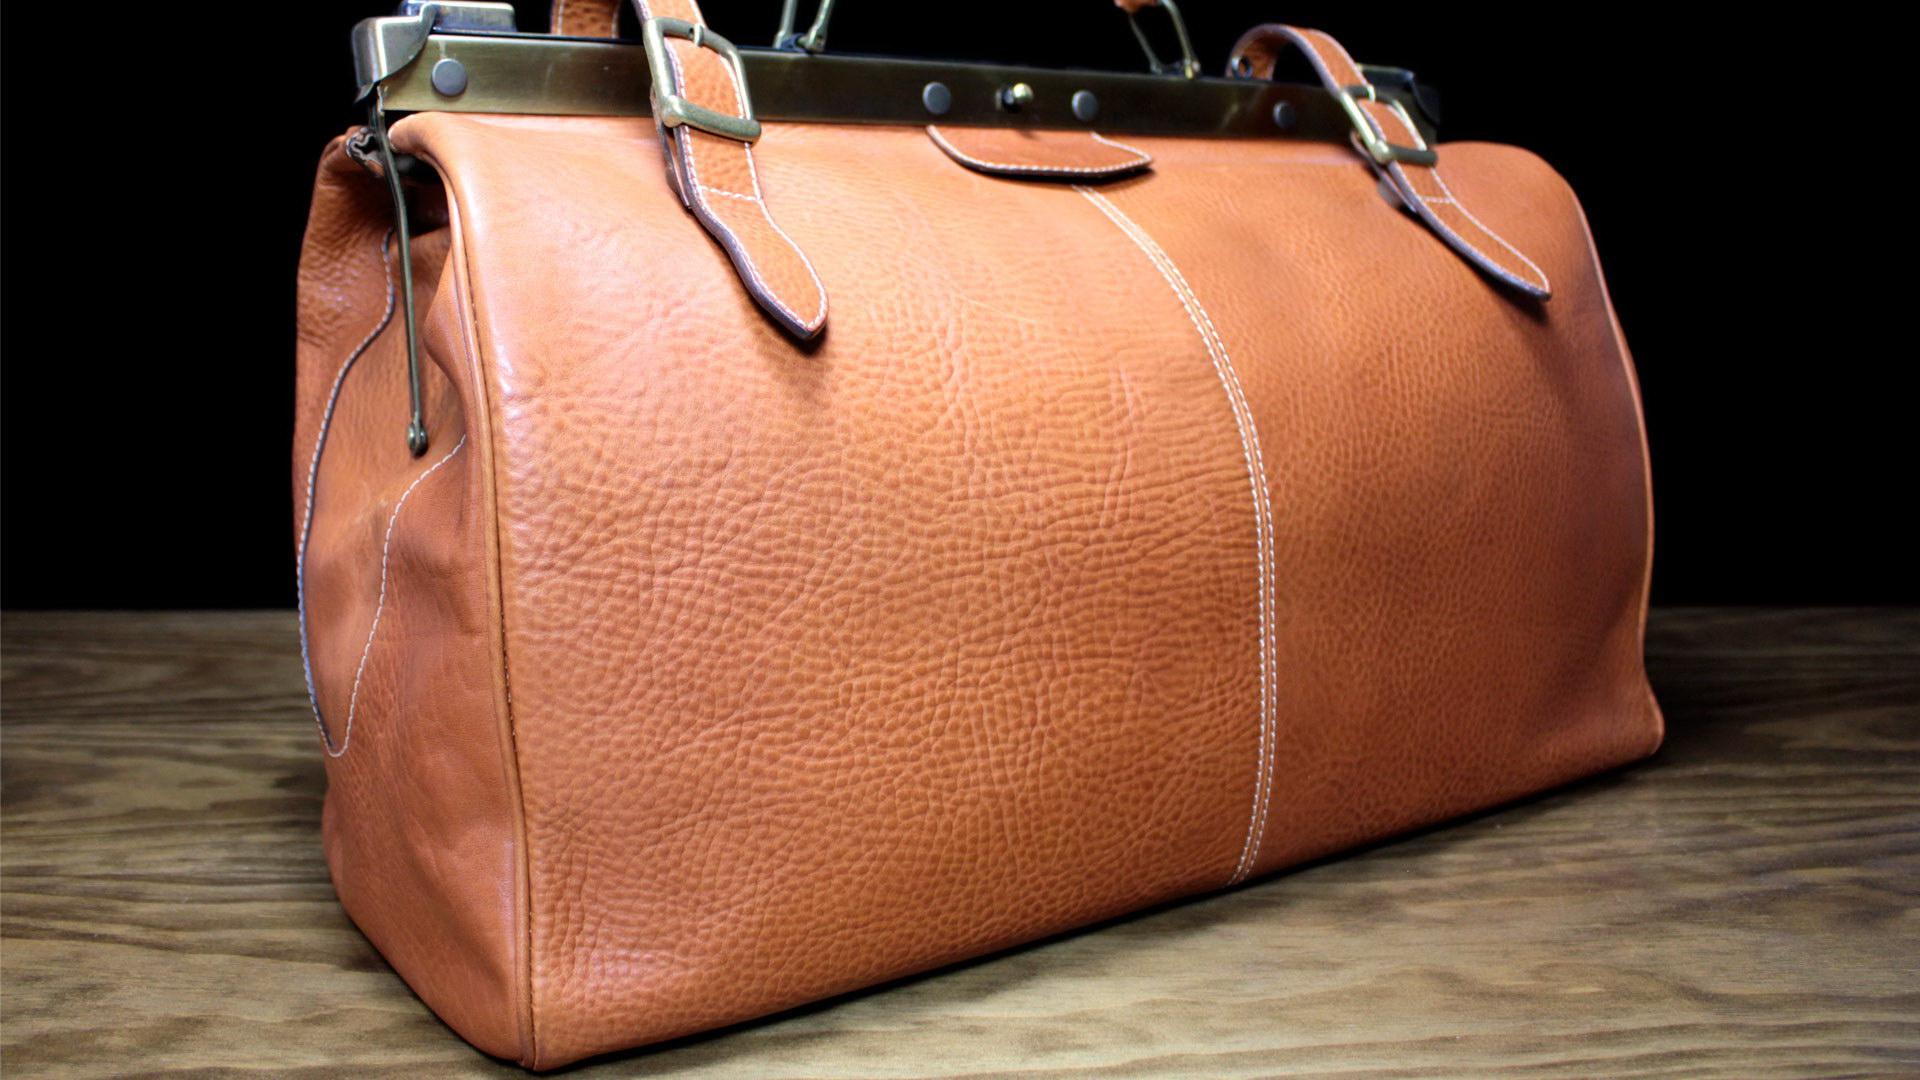 Real Leather Studio, artículos exclusivos de marroquinería